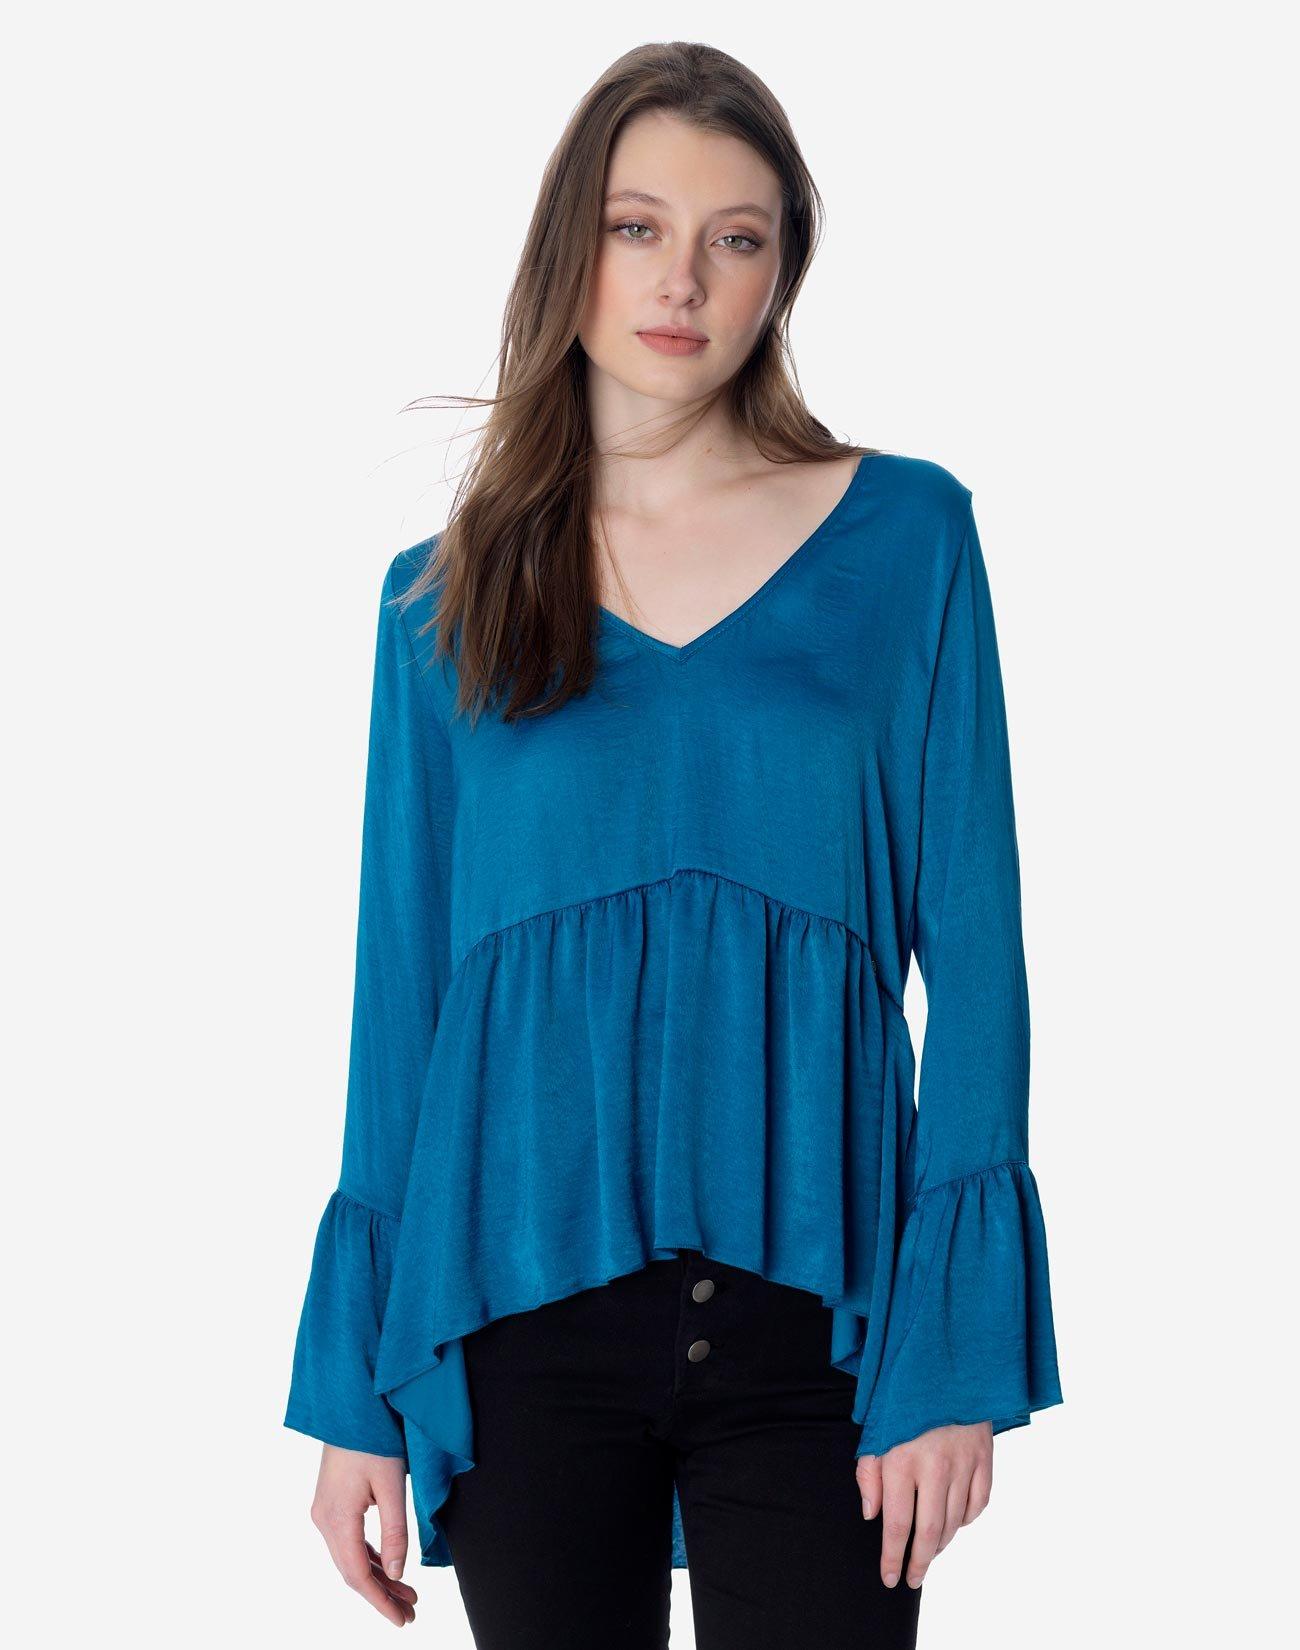 Ασύμμετρη μπλούζα με βολάν